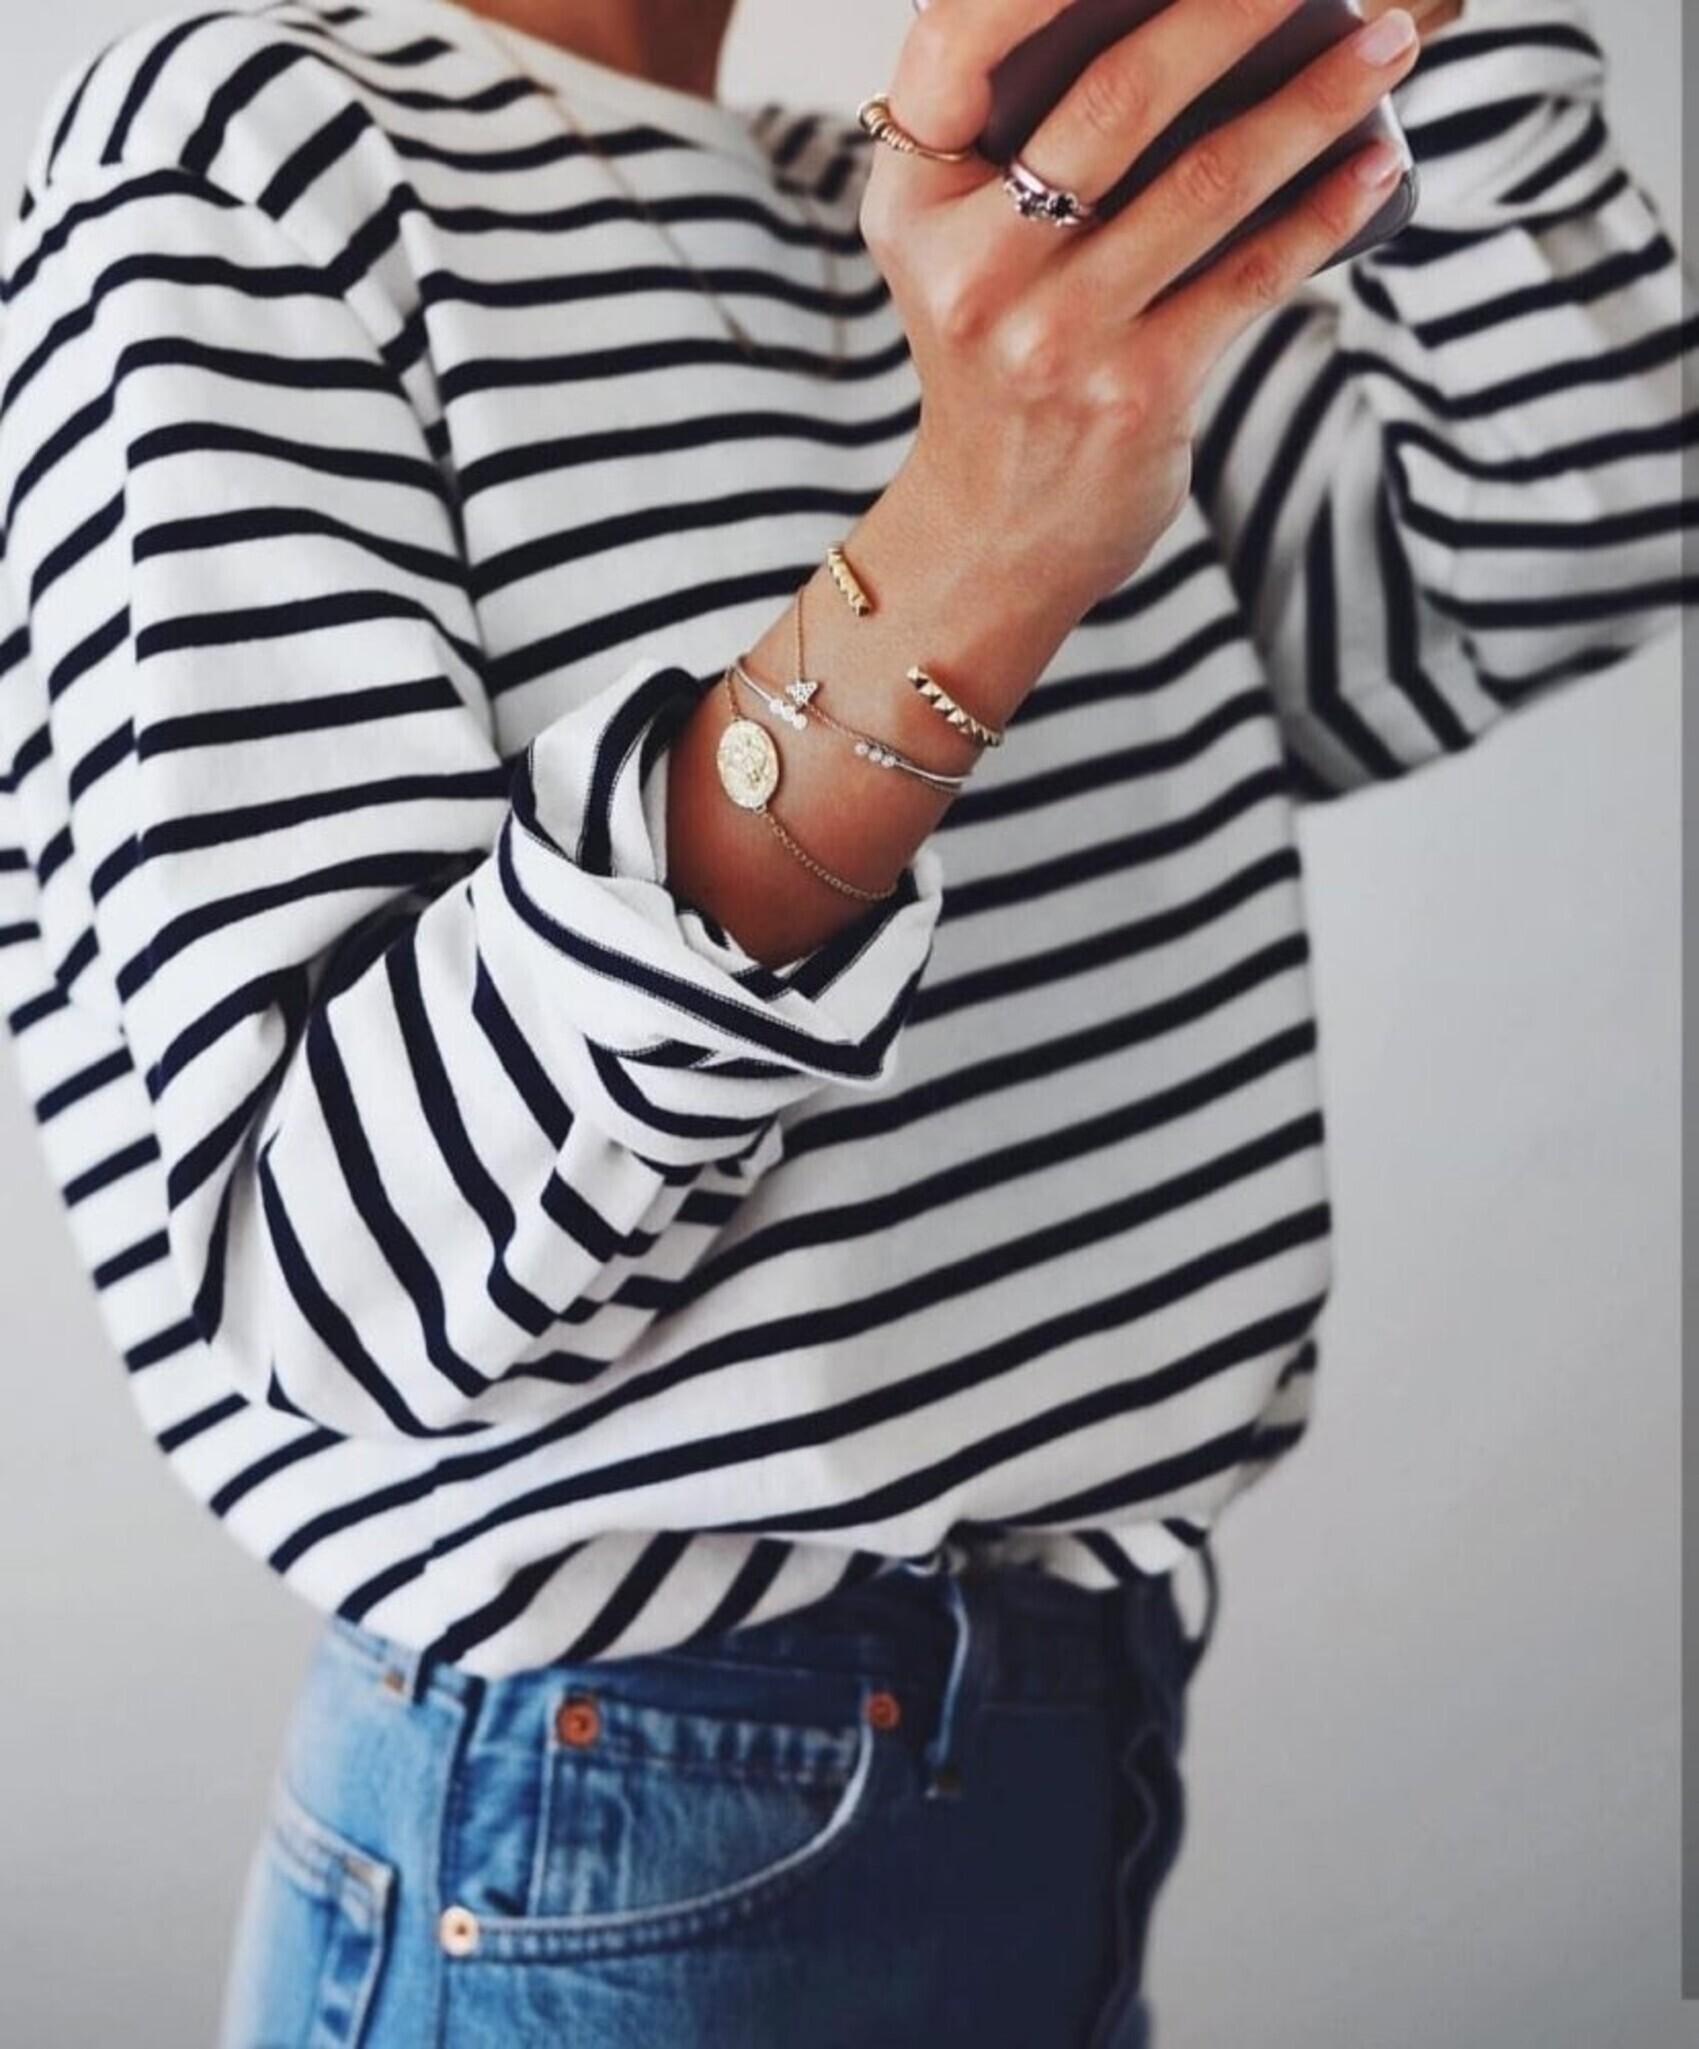 Bluzka Basic Stripes by Varlesca black